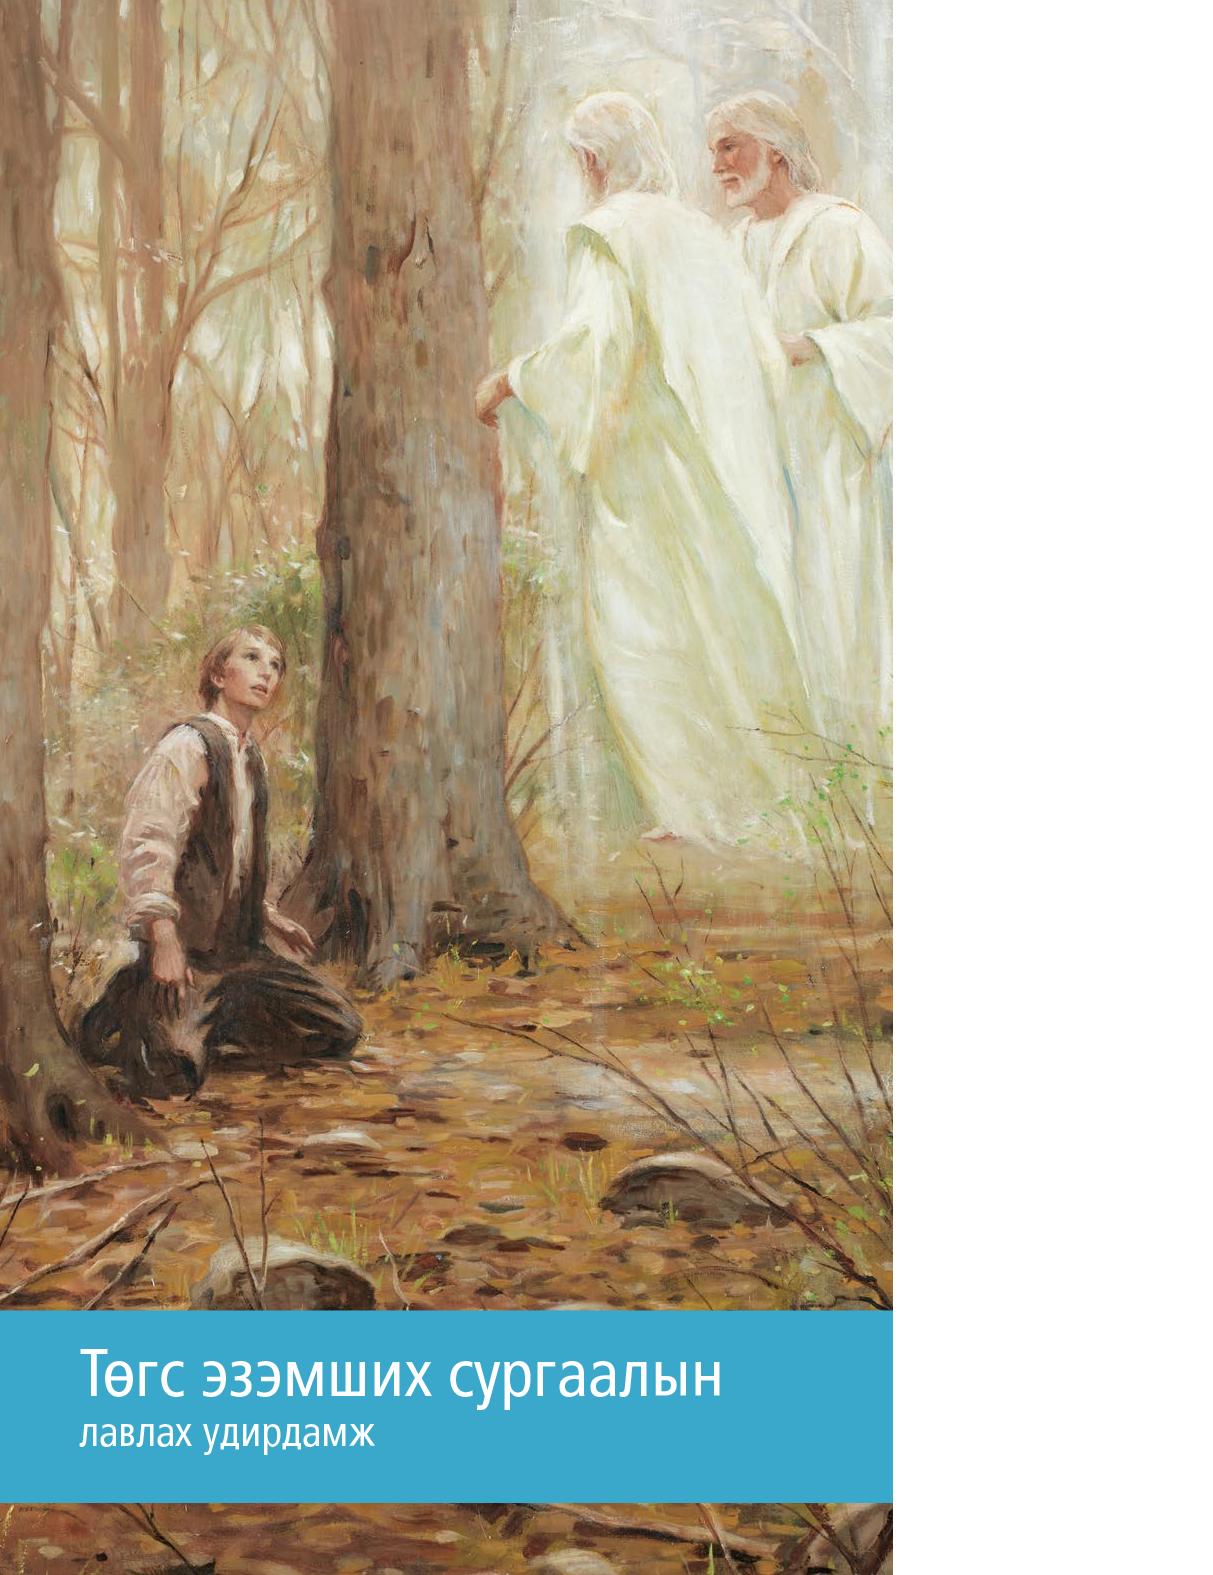 Төгс эзэмших сургаалын лавлах удирдамж